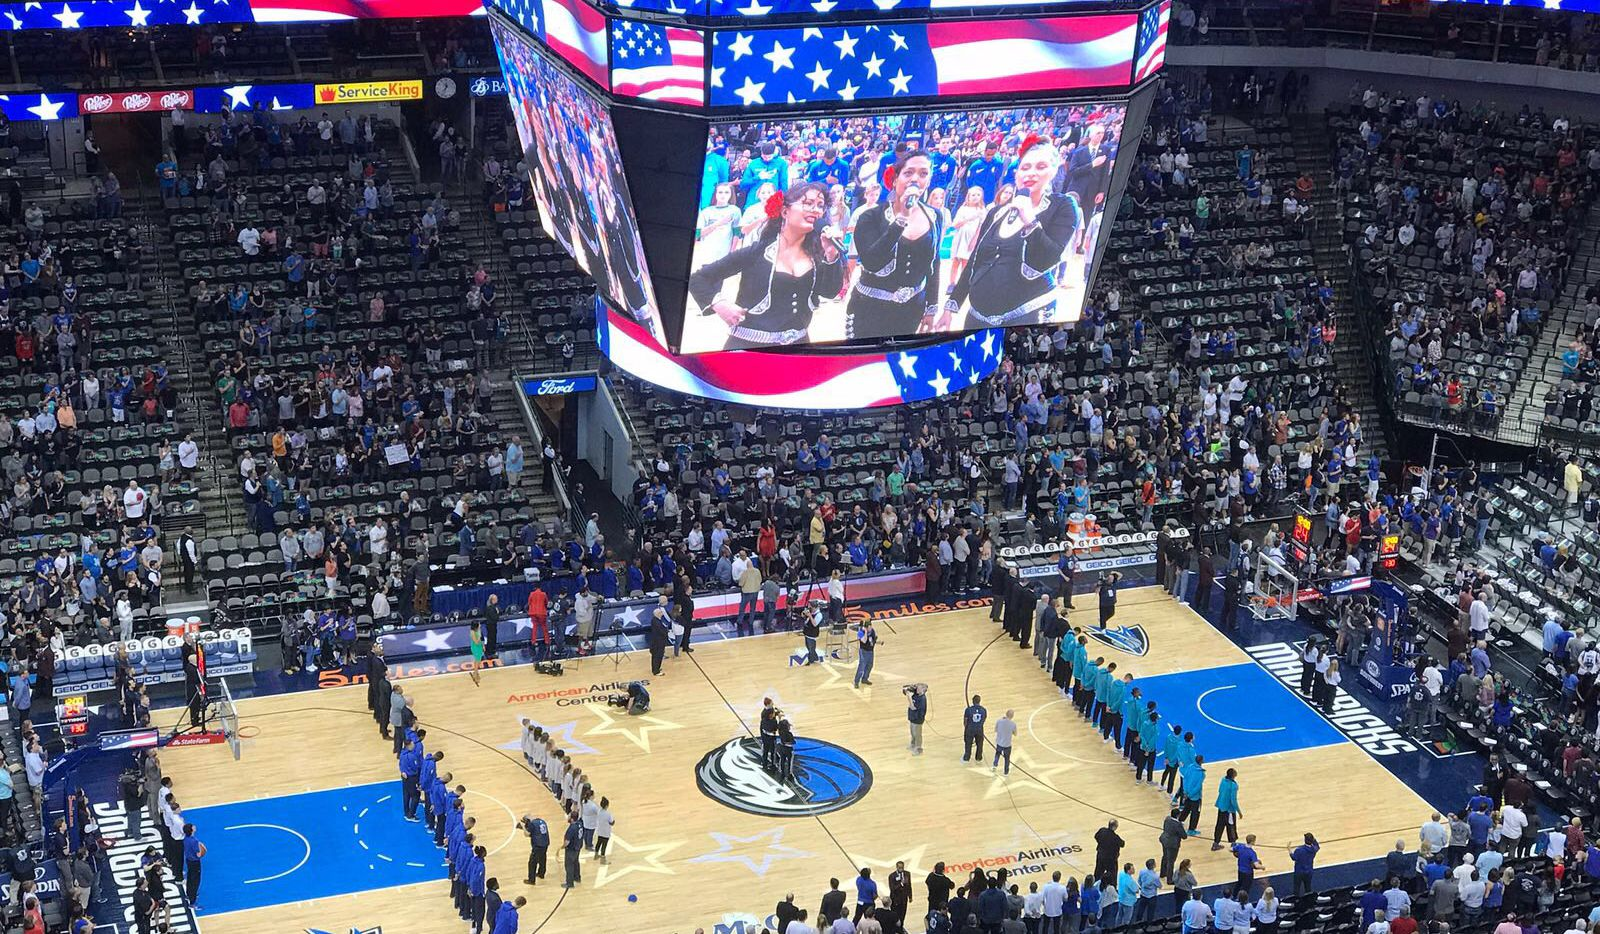 Mavericks celebran a los hispanos de Dallas en juego frente a Charlotte. Foto AL DÍA